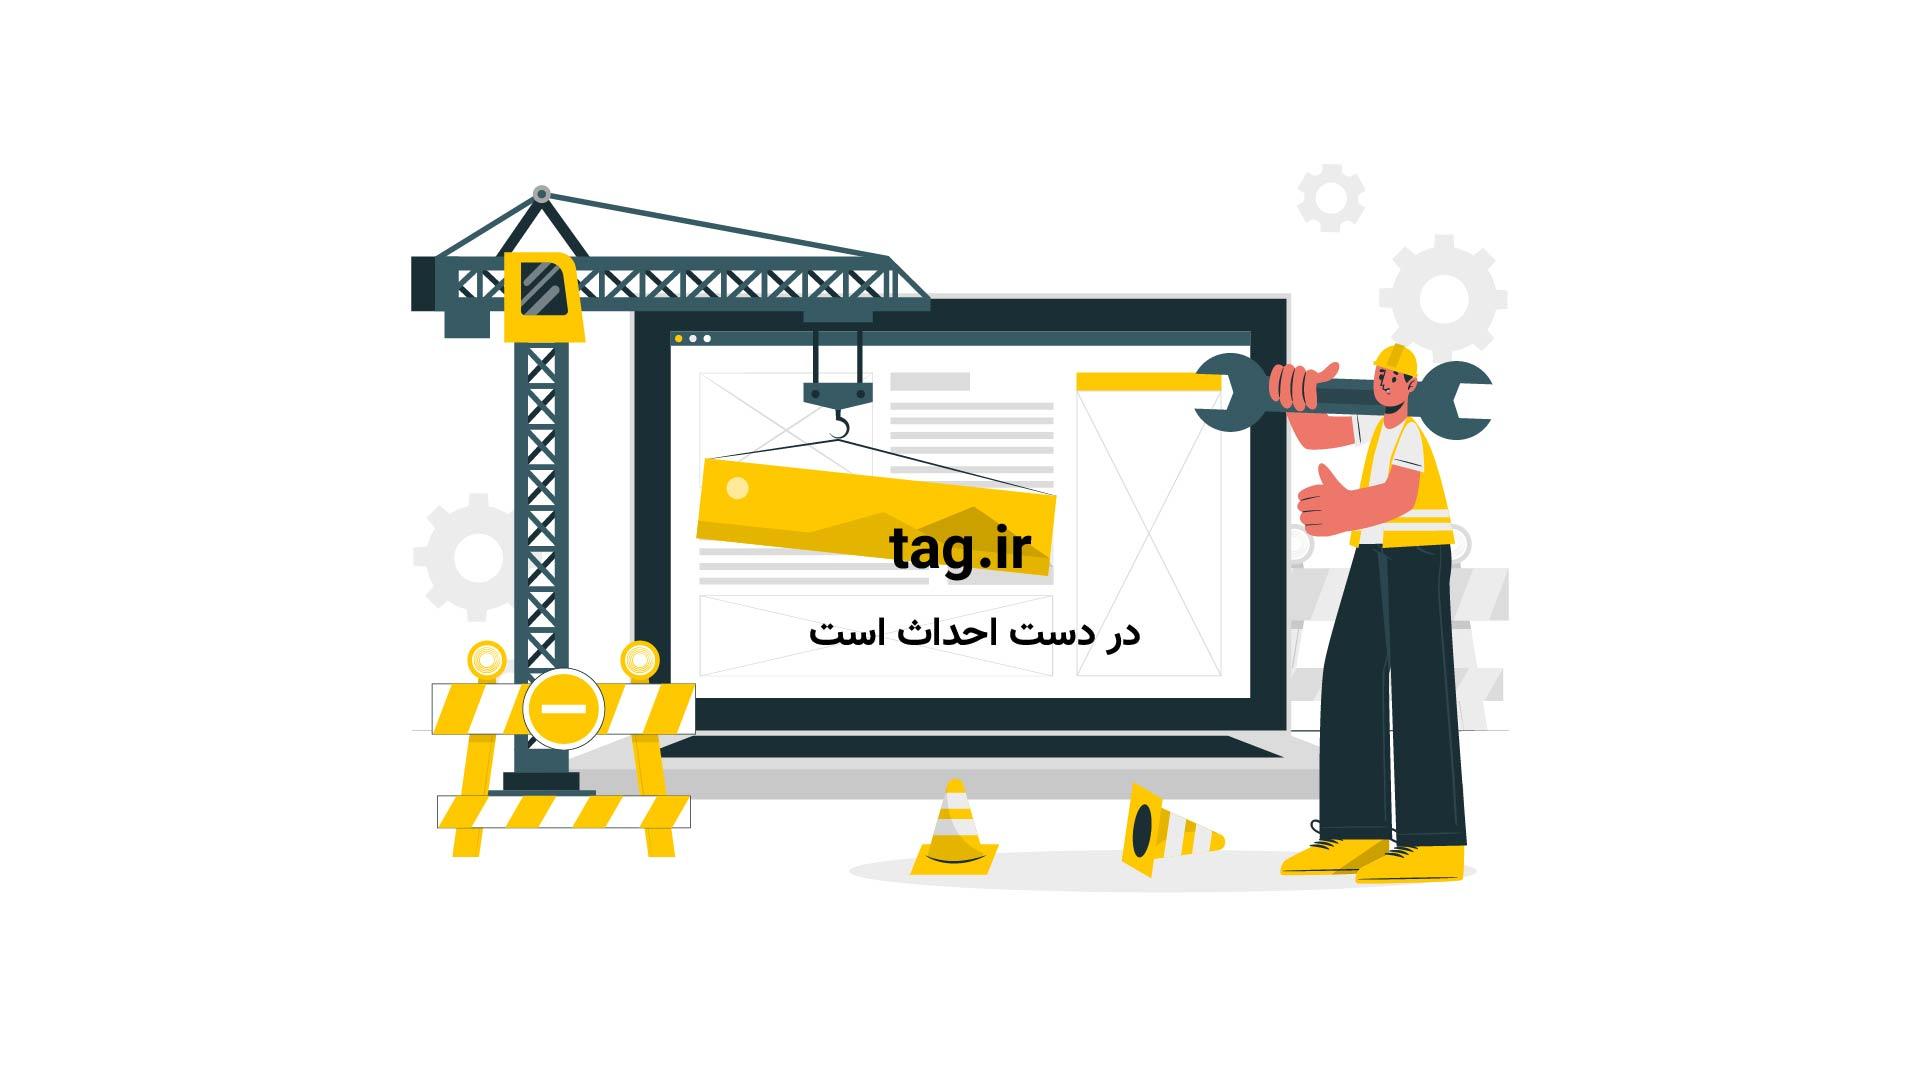 حمله پلیس مذهبی عربستان به دختر